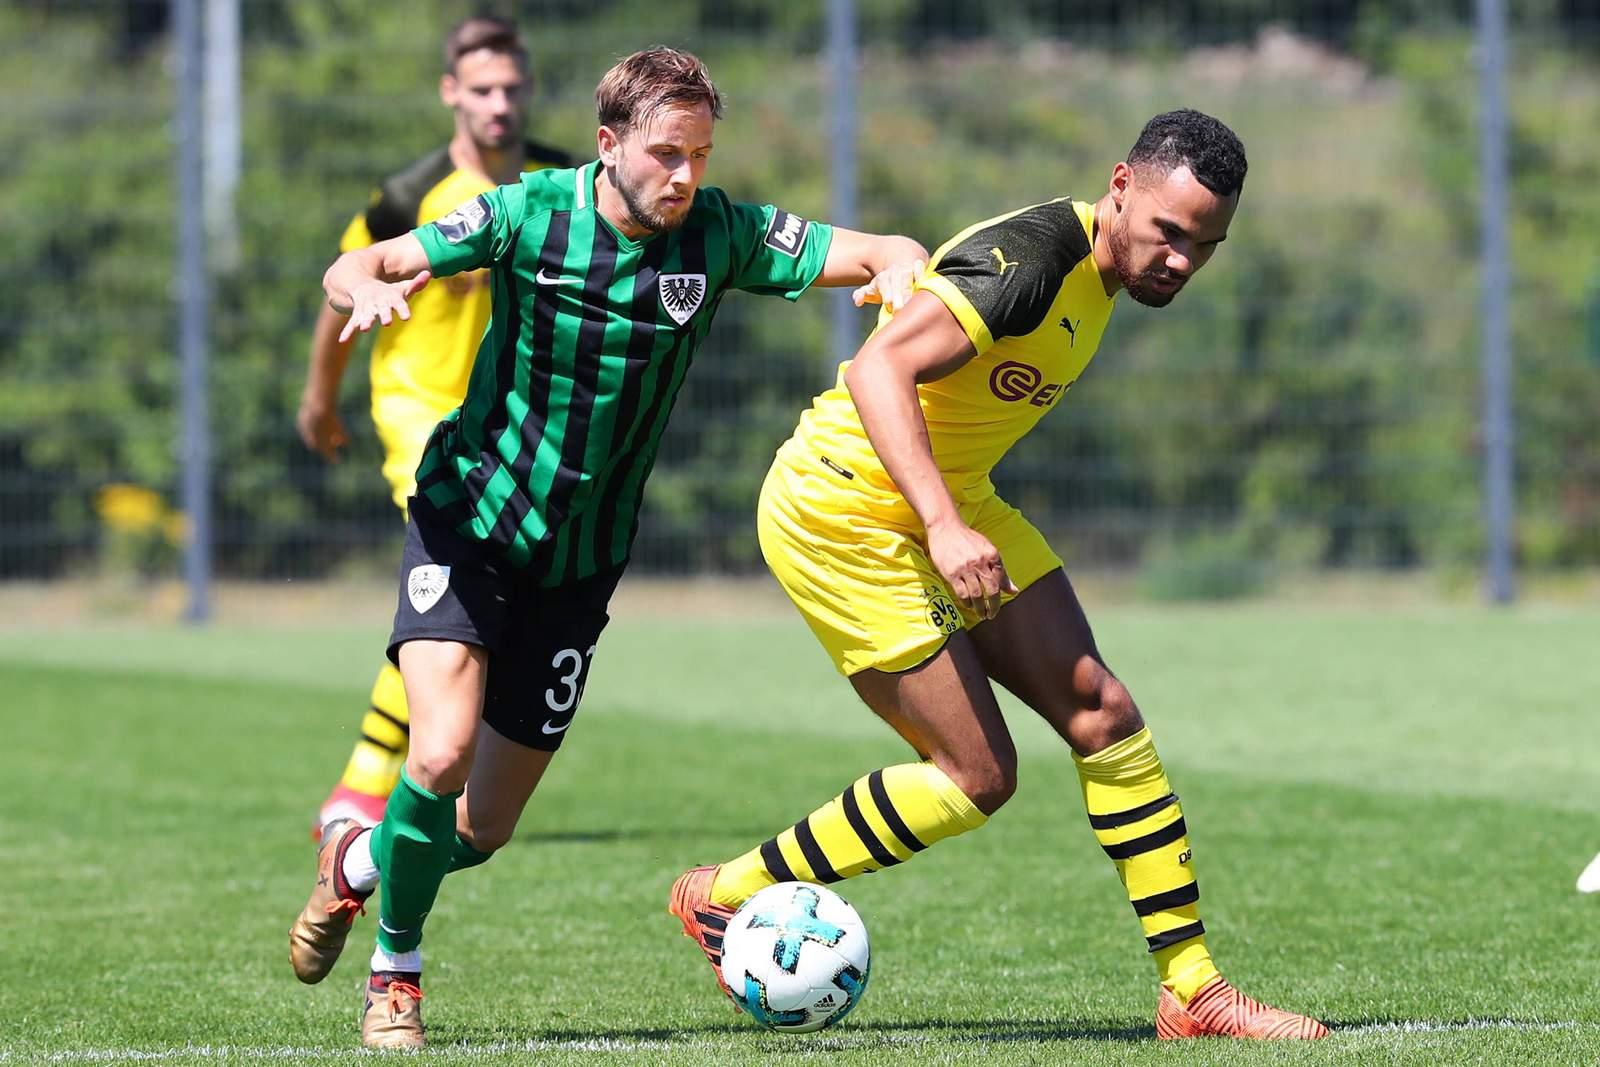 Lucas Cueto von Preußen Münster gegen Herbert Bockhorn vom BVB